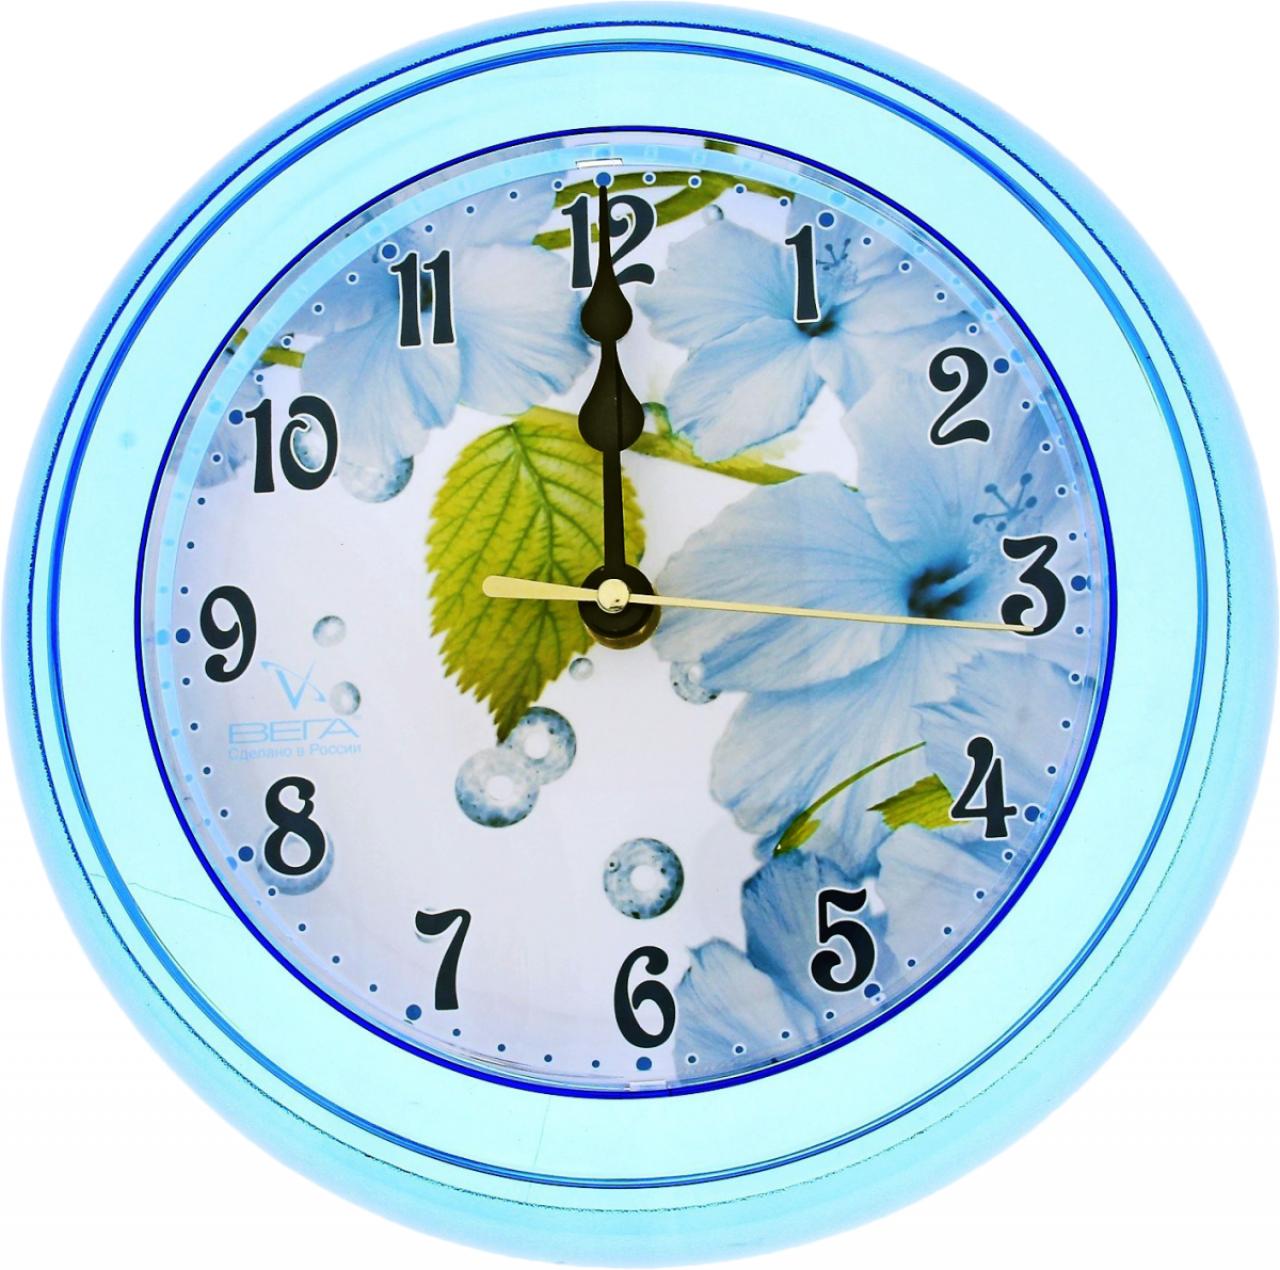 Дом Подарка - часы настенные, недорого в интернет-магазине